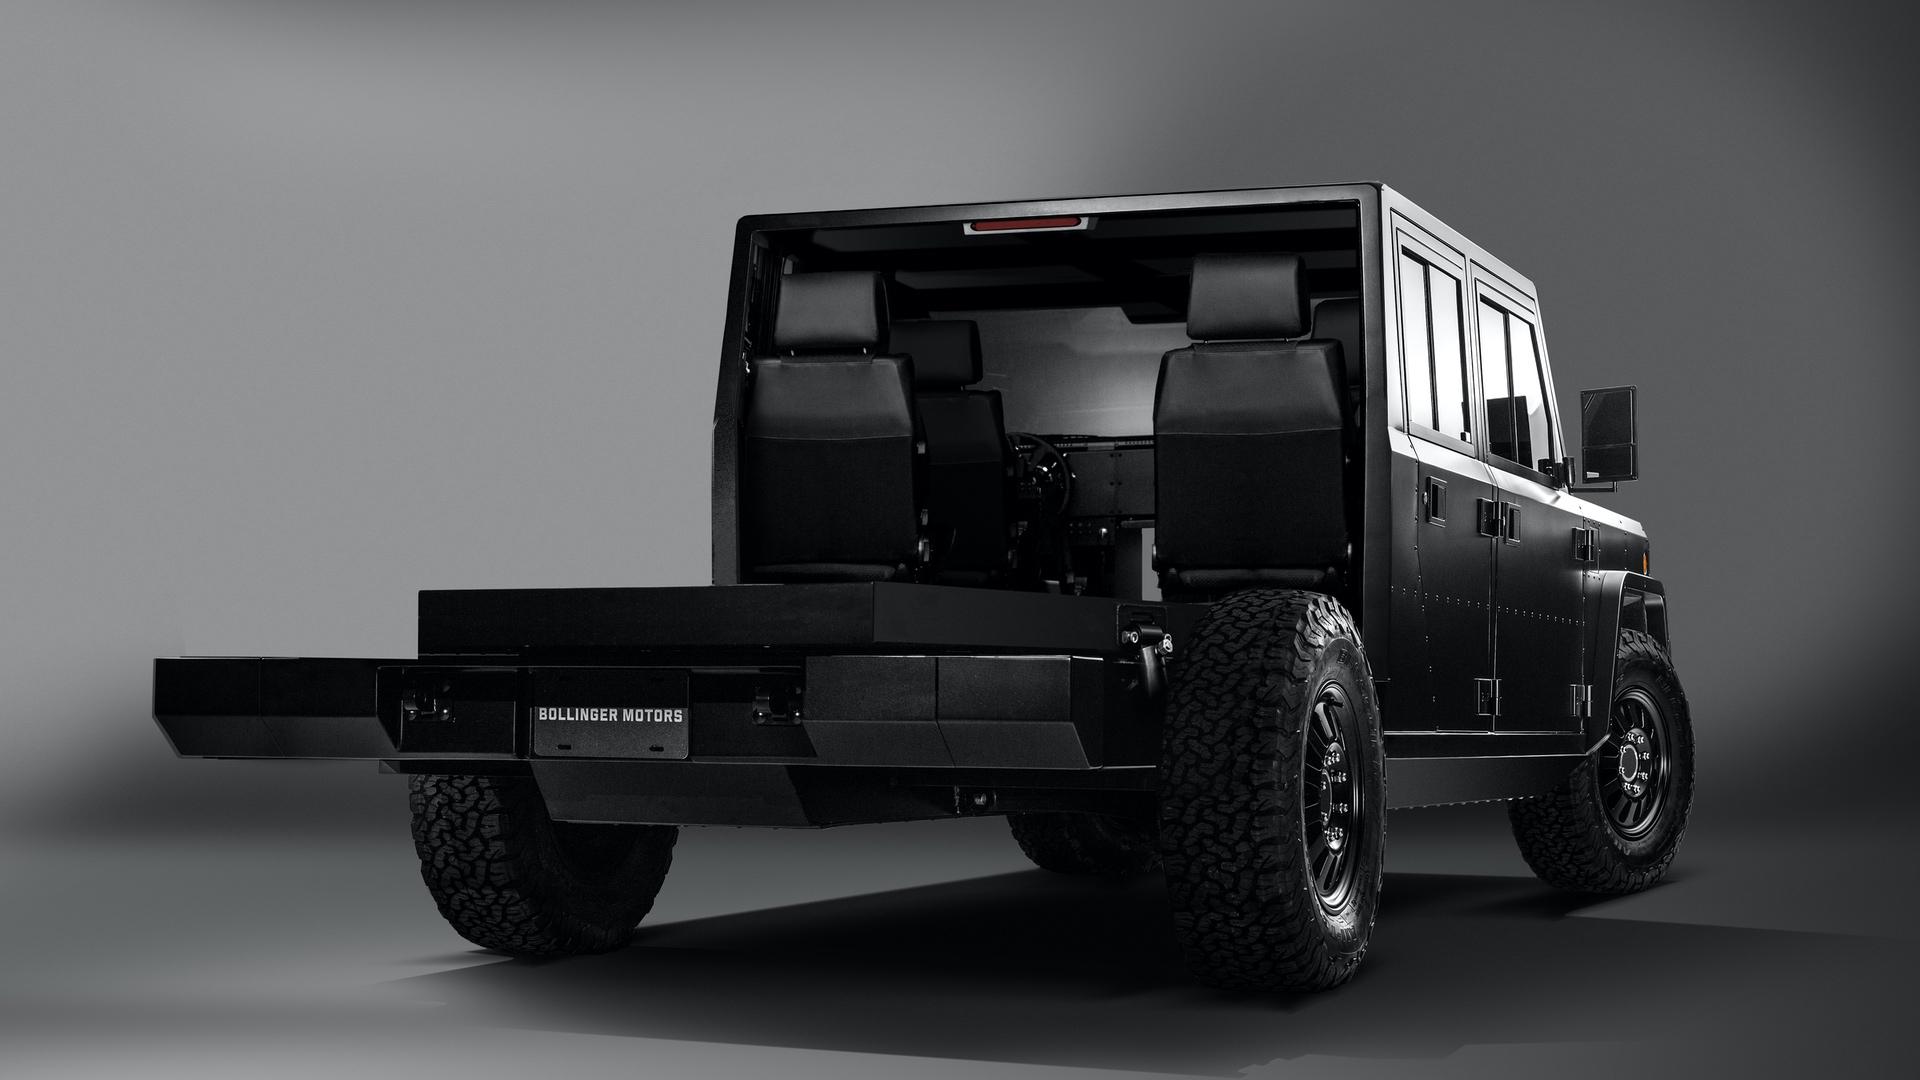 Bollinger-Motors-B2-Chassis-Cab-4-Door-Open-7_8-rear